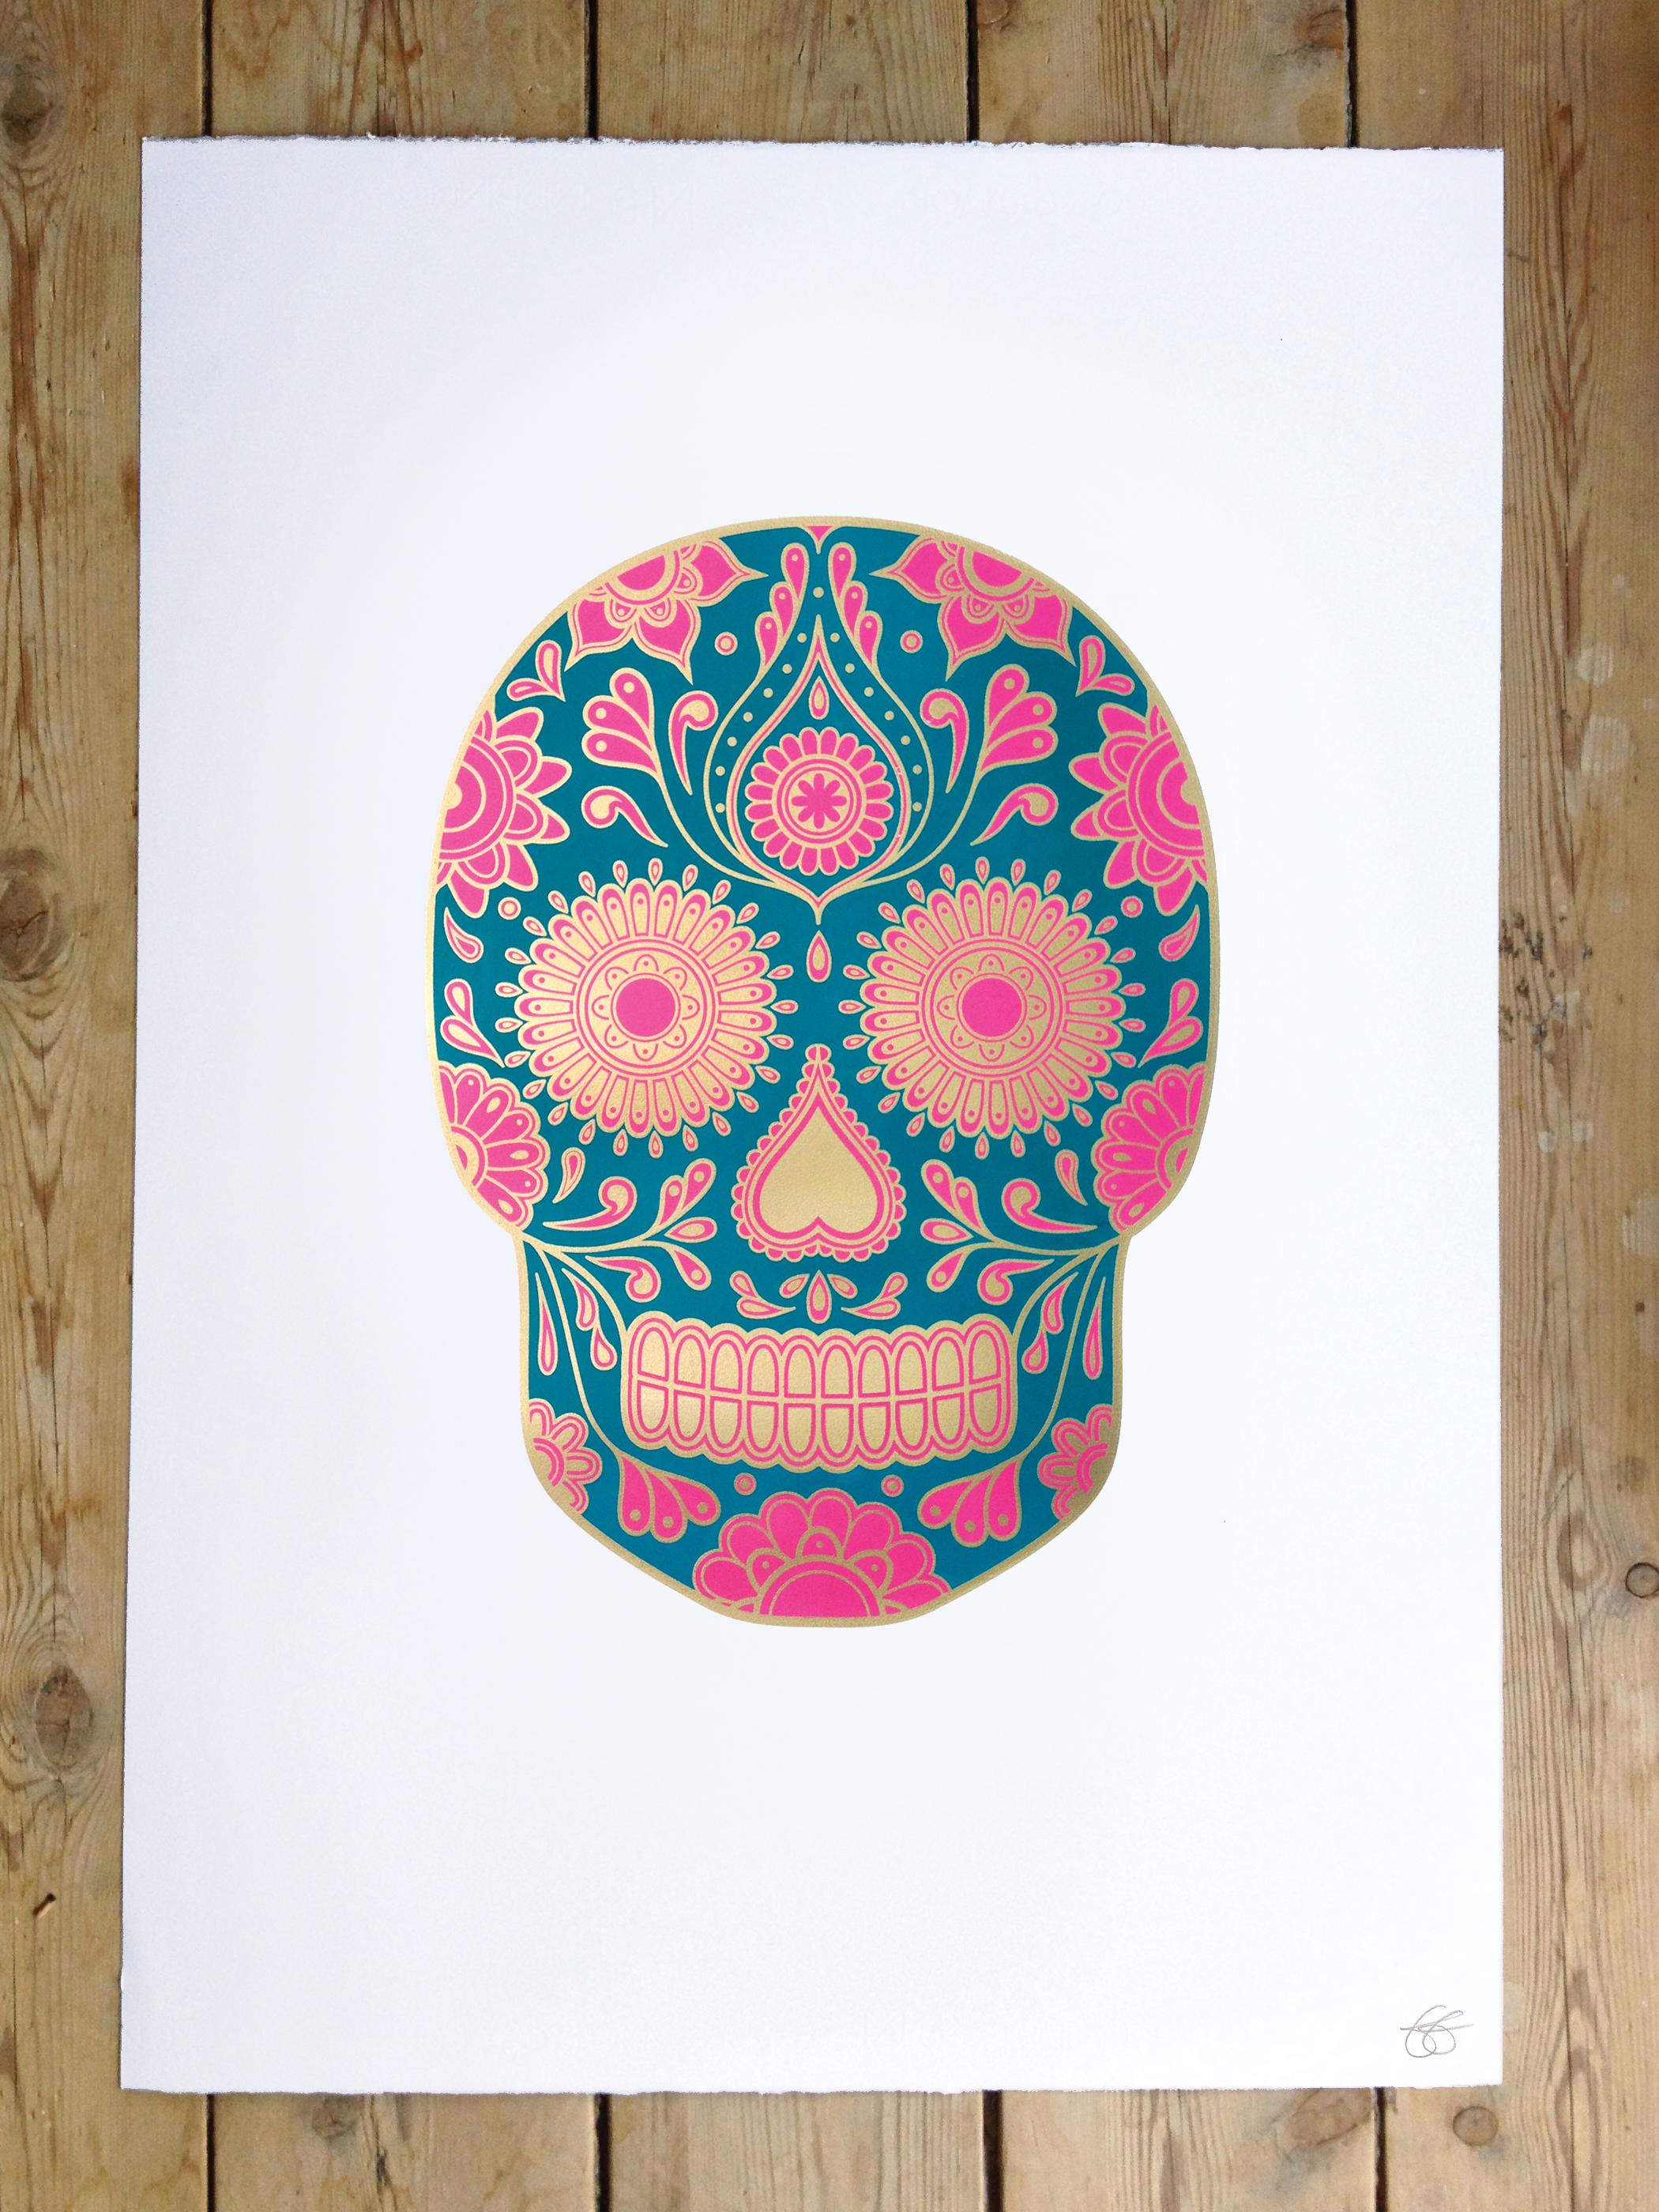 Sugar Skulls Wallpaper Sugar skull wallpaper 2100x2800